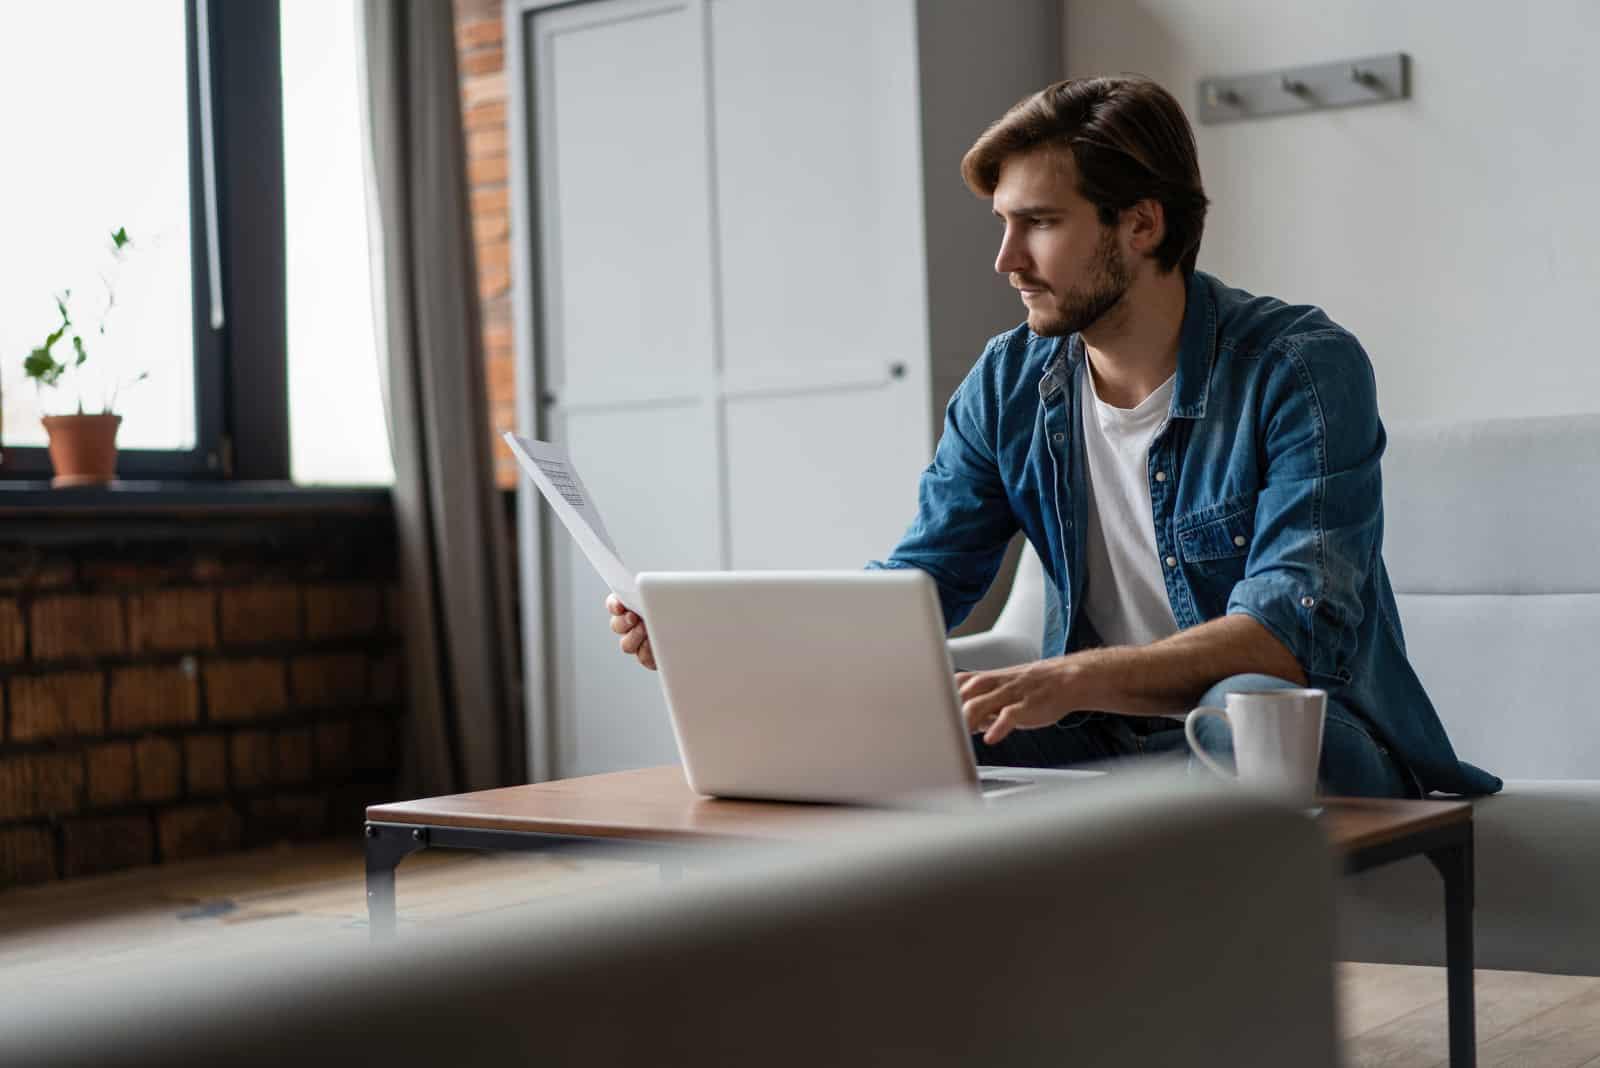 un homme est assis dans un bureau et travaille